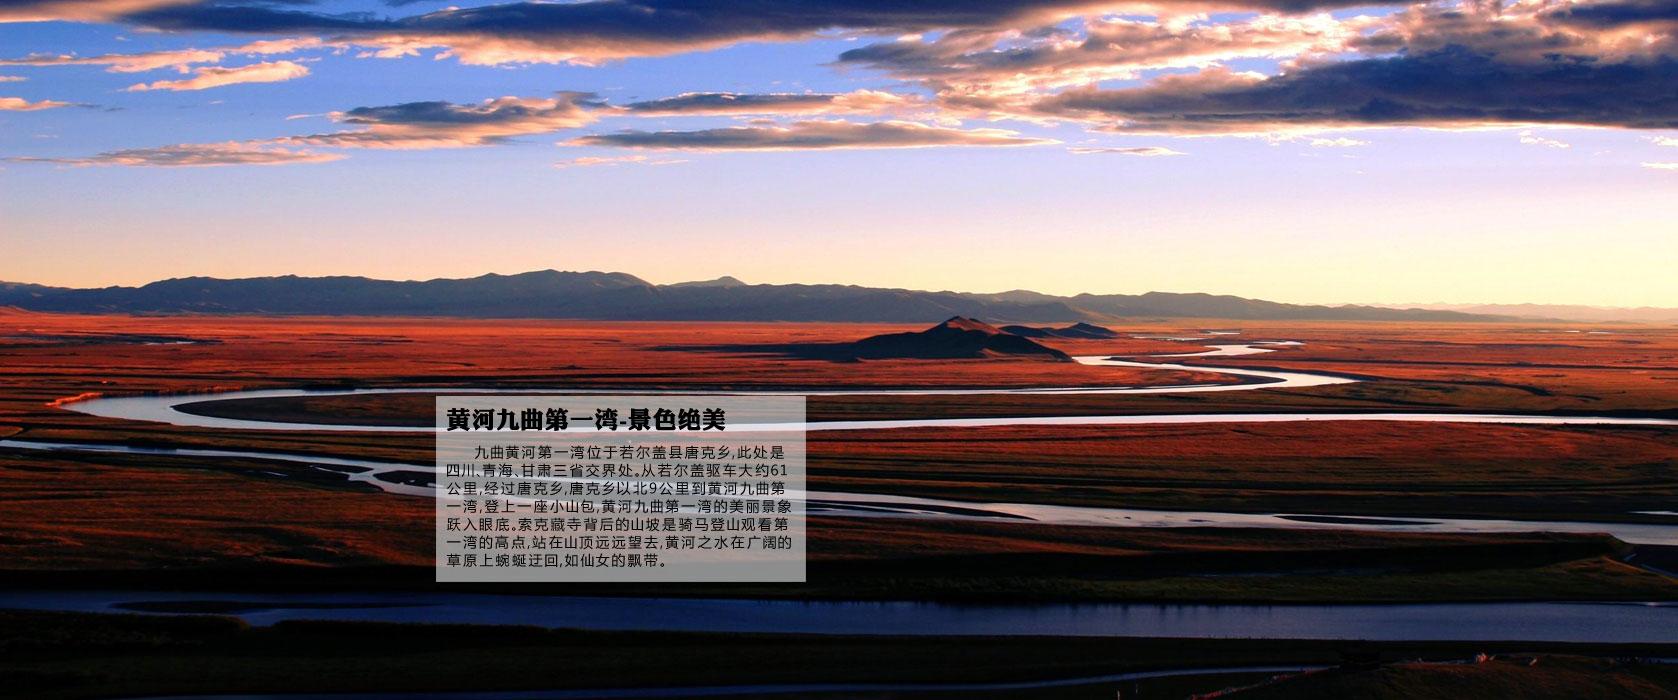 黄河九曲第一湾